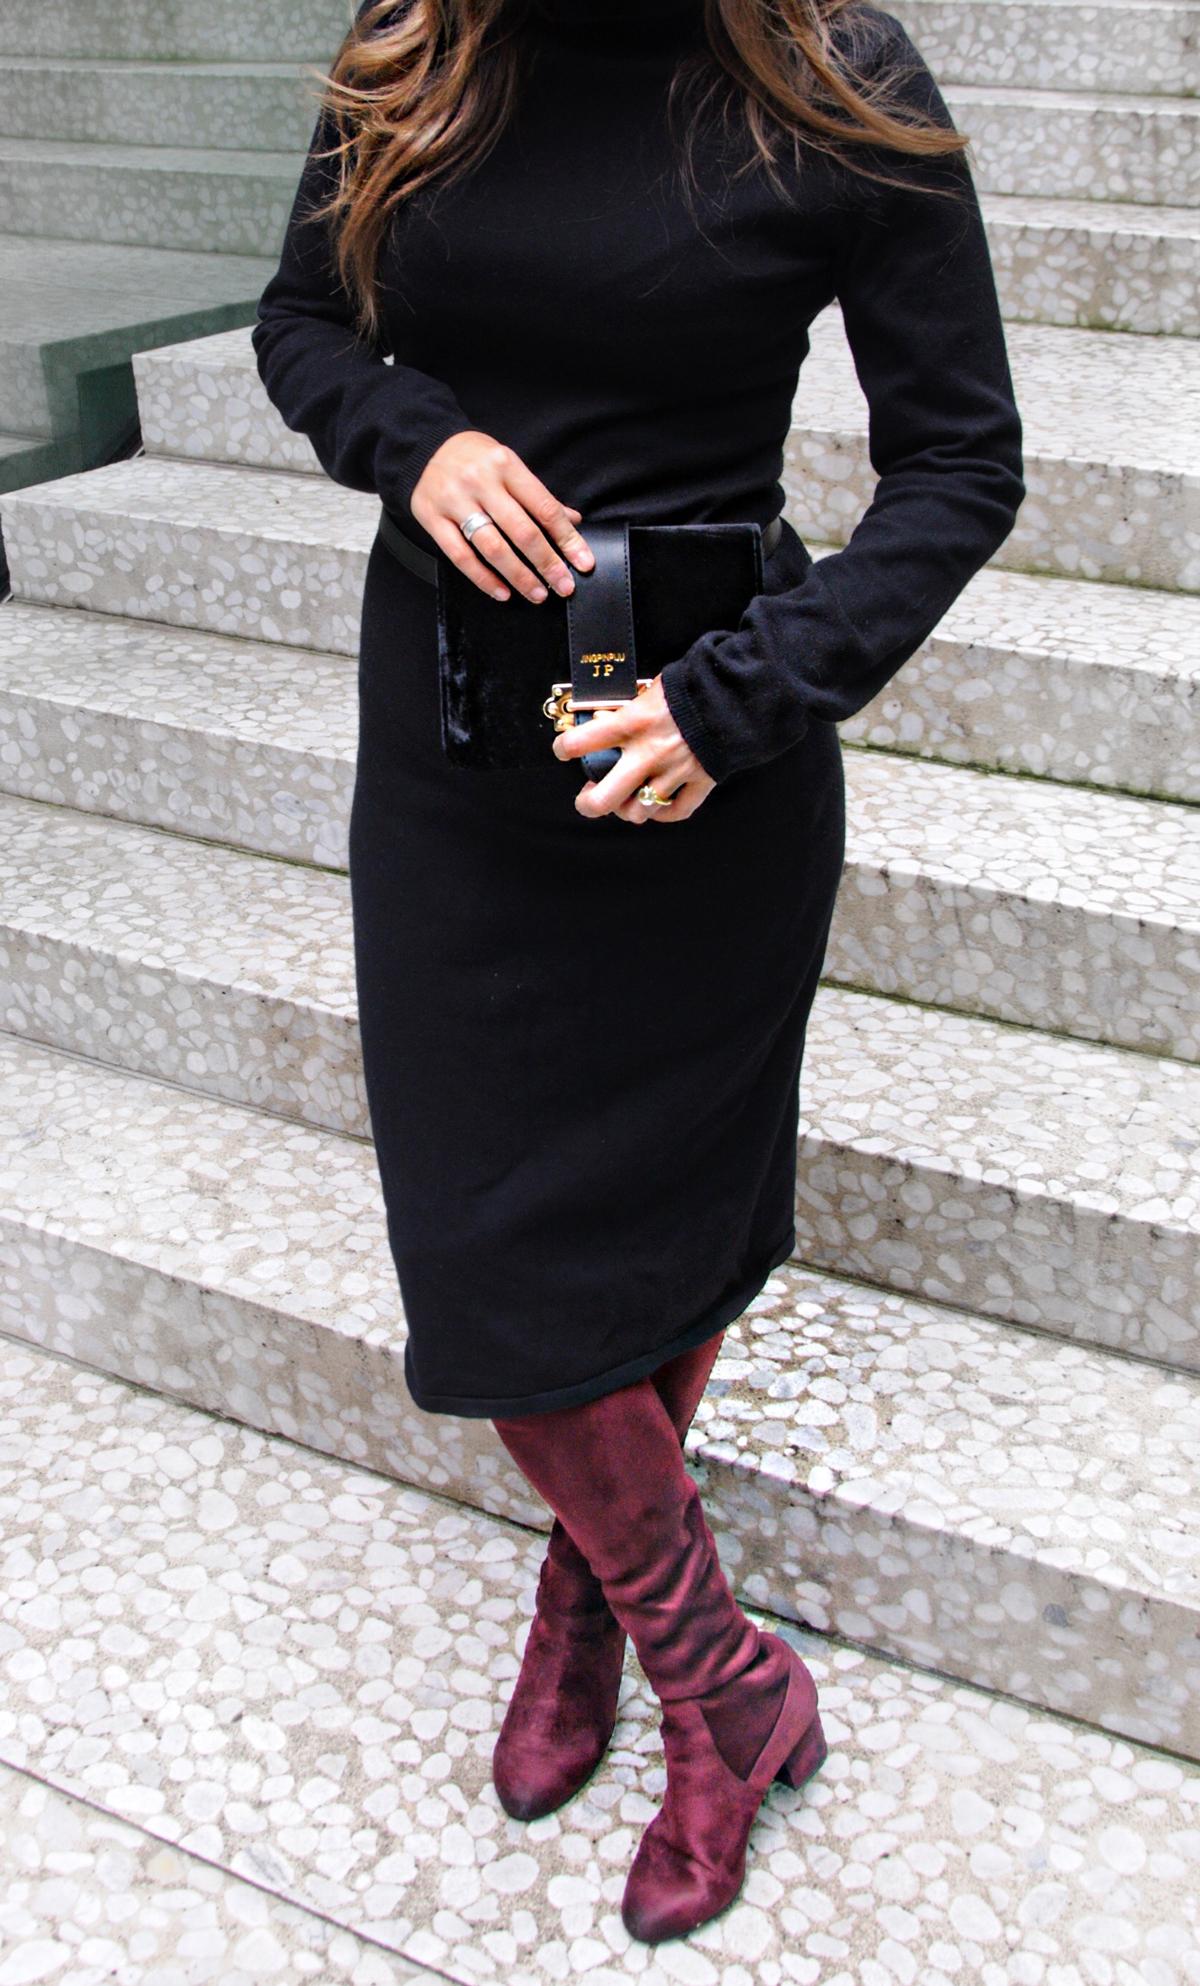 Andrea Steiner Modebloggerin aus Luzern in der Schweiz zeigt auf ihrem Mode- und Beauty Blog Strawberries und Champagne wie Bauchtaschen diese Saison getragen werden.